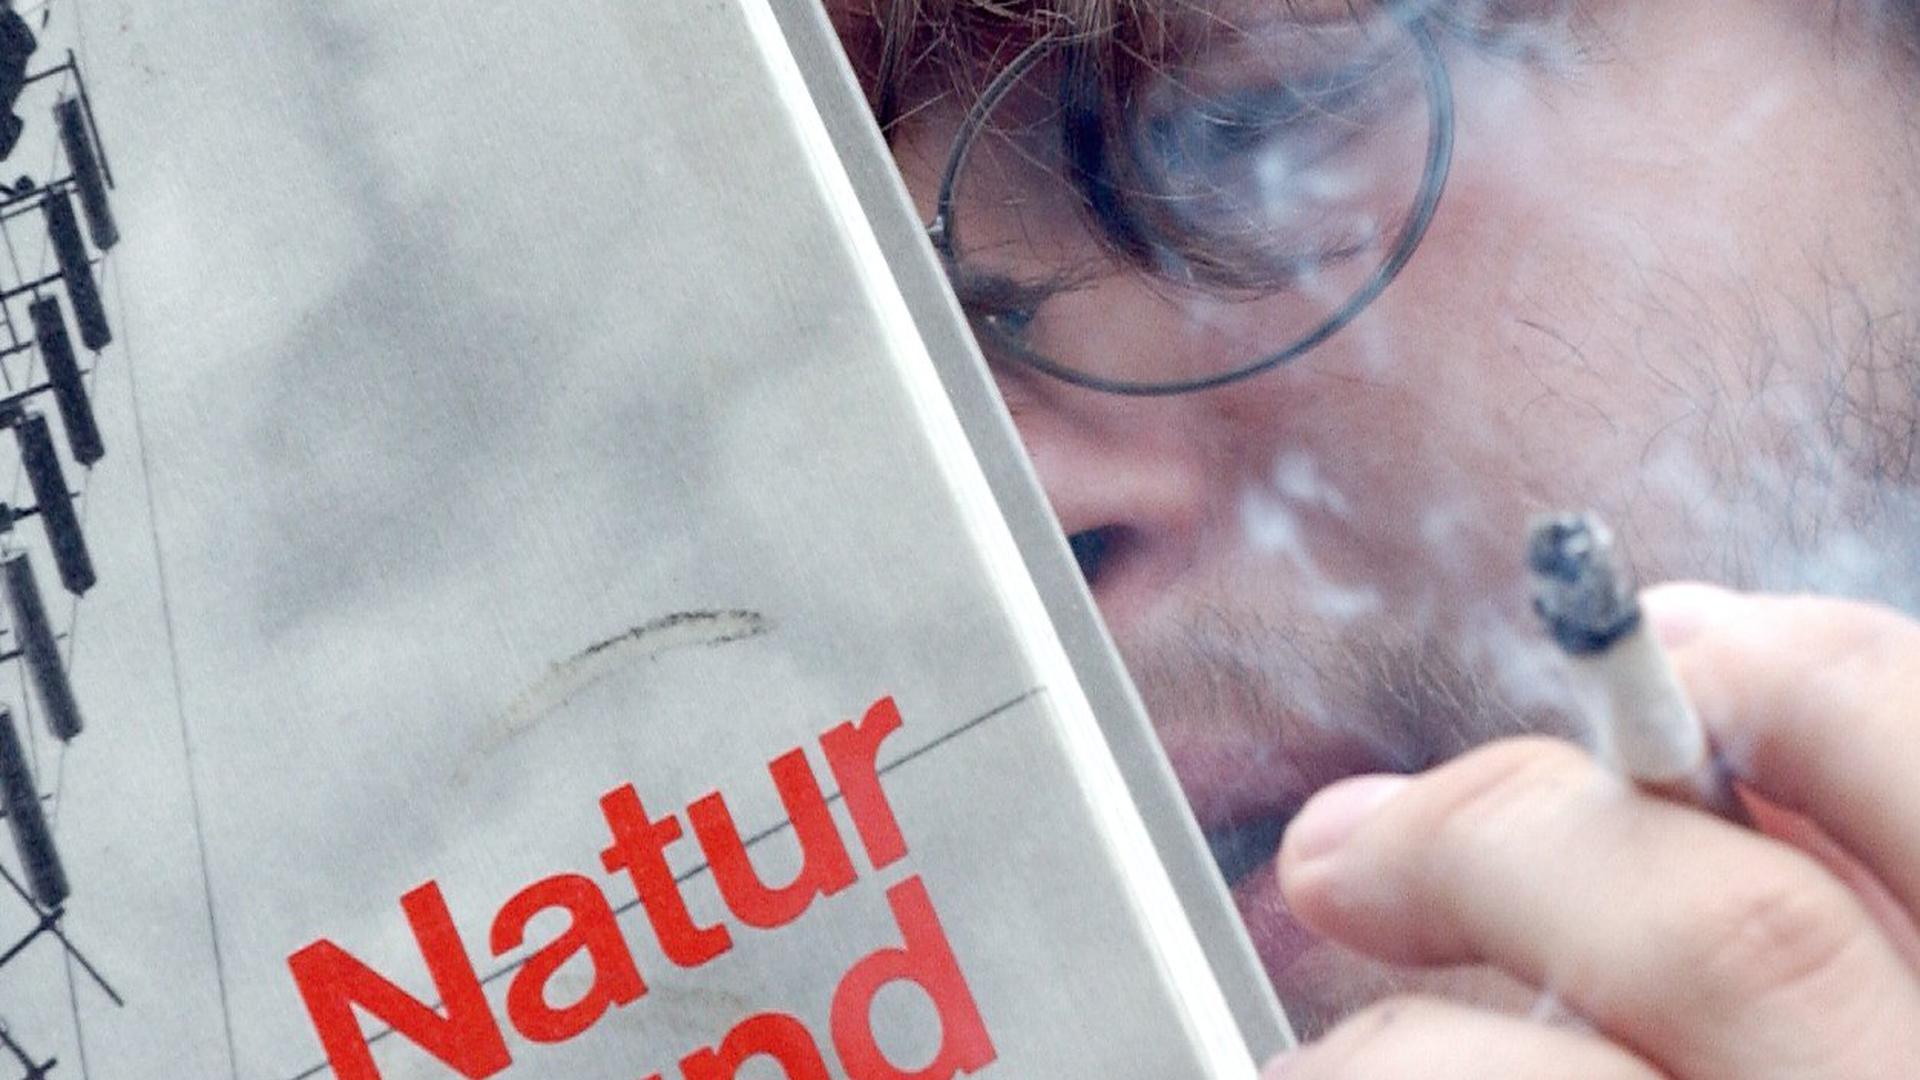 """Gymnasiast Mutwin raucht, während er in einem Schulbuch liest (Foto vom 09.07.2003). An vielen Gymnasien herrscht Rauchverbot. Raucher müssen den Pausenhof verlassen, um zu rauchen, während andere Gymnasien Raucherzimmer oder Raucherbereiche auf den Schulhöfen einrichten. Foto:Achim Scheidemann dpa/lnw (zu lnw-KORR: """"Raucher hier, Nichtraucher dort"""" - Zweifel an rauchfreien Schulen"""" vom 15.07.2003)"""